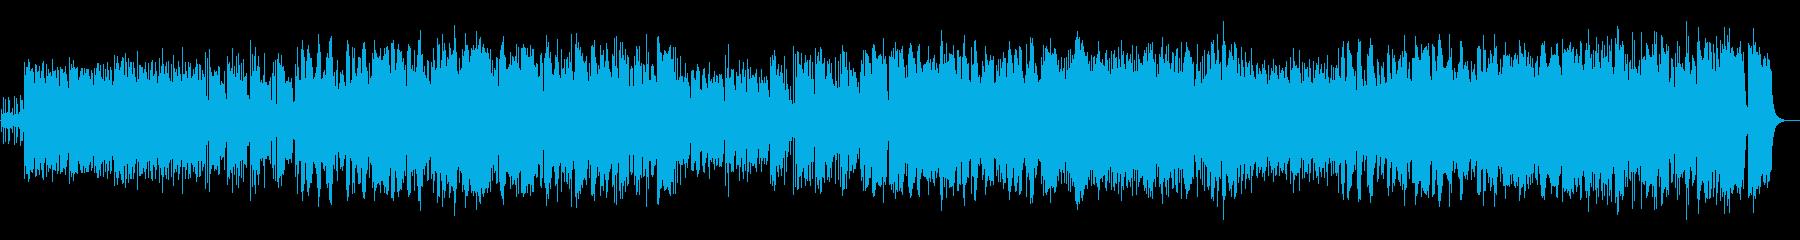 冒険をイメージしたフュージョンの再生済みの波形